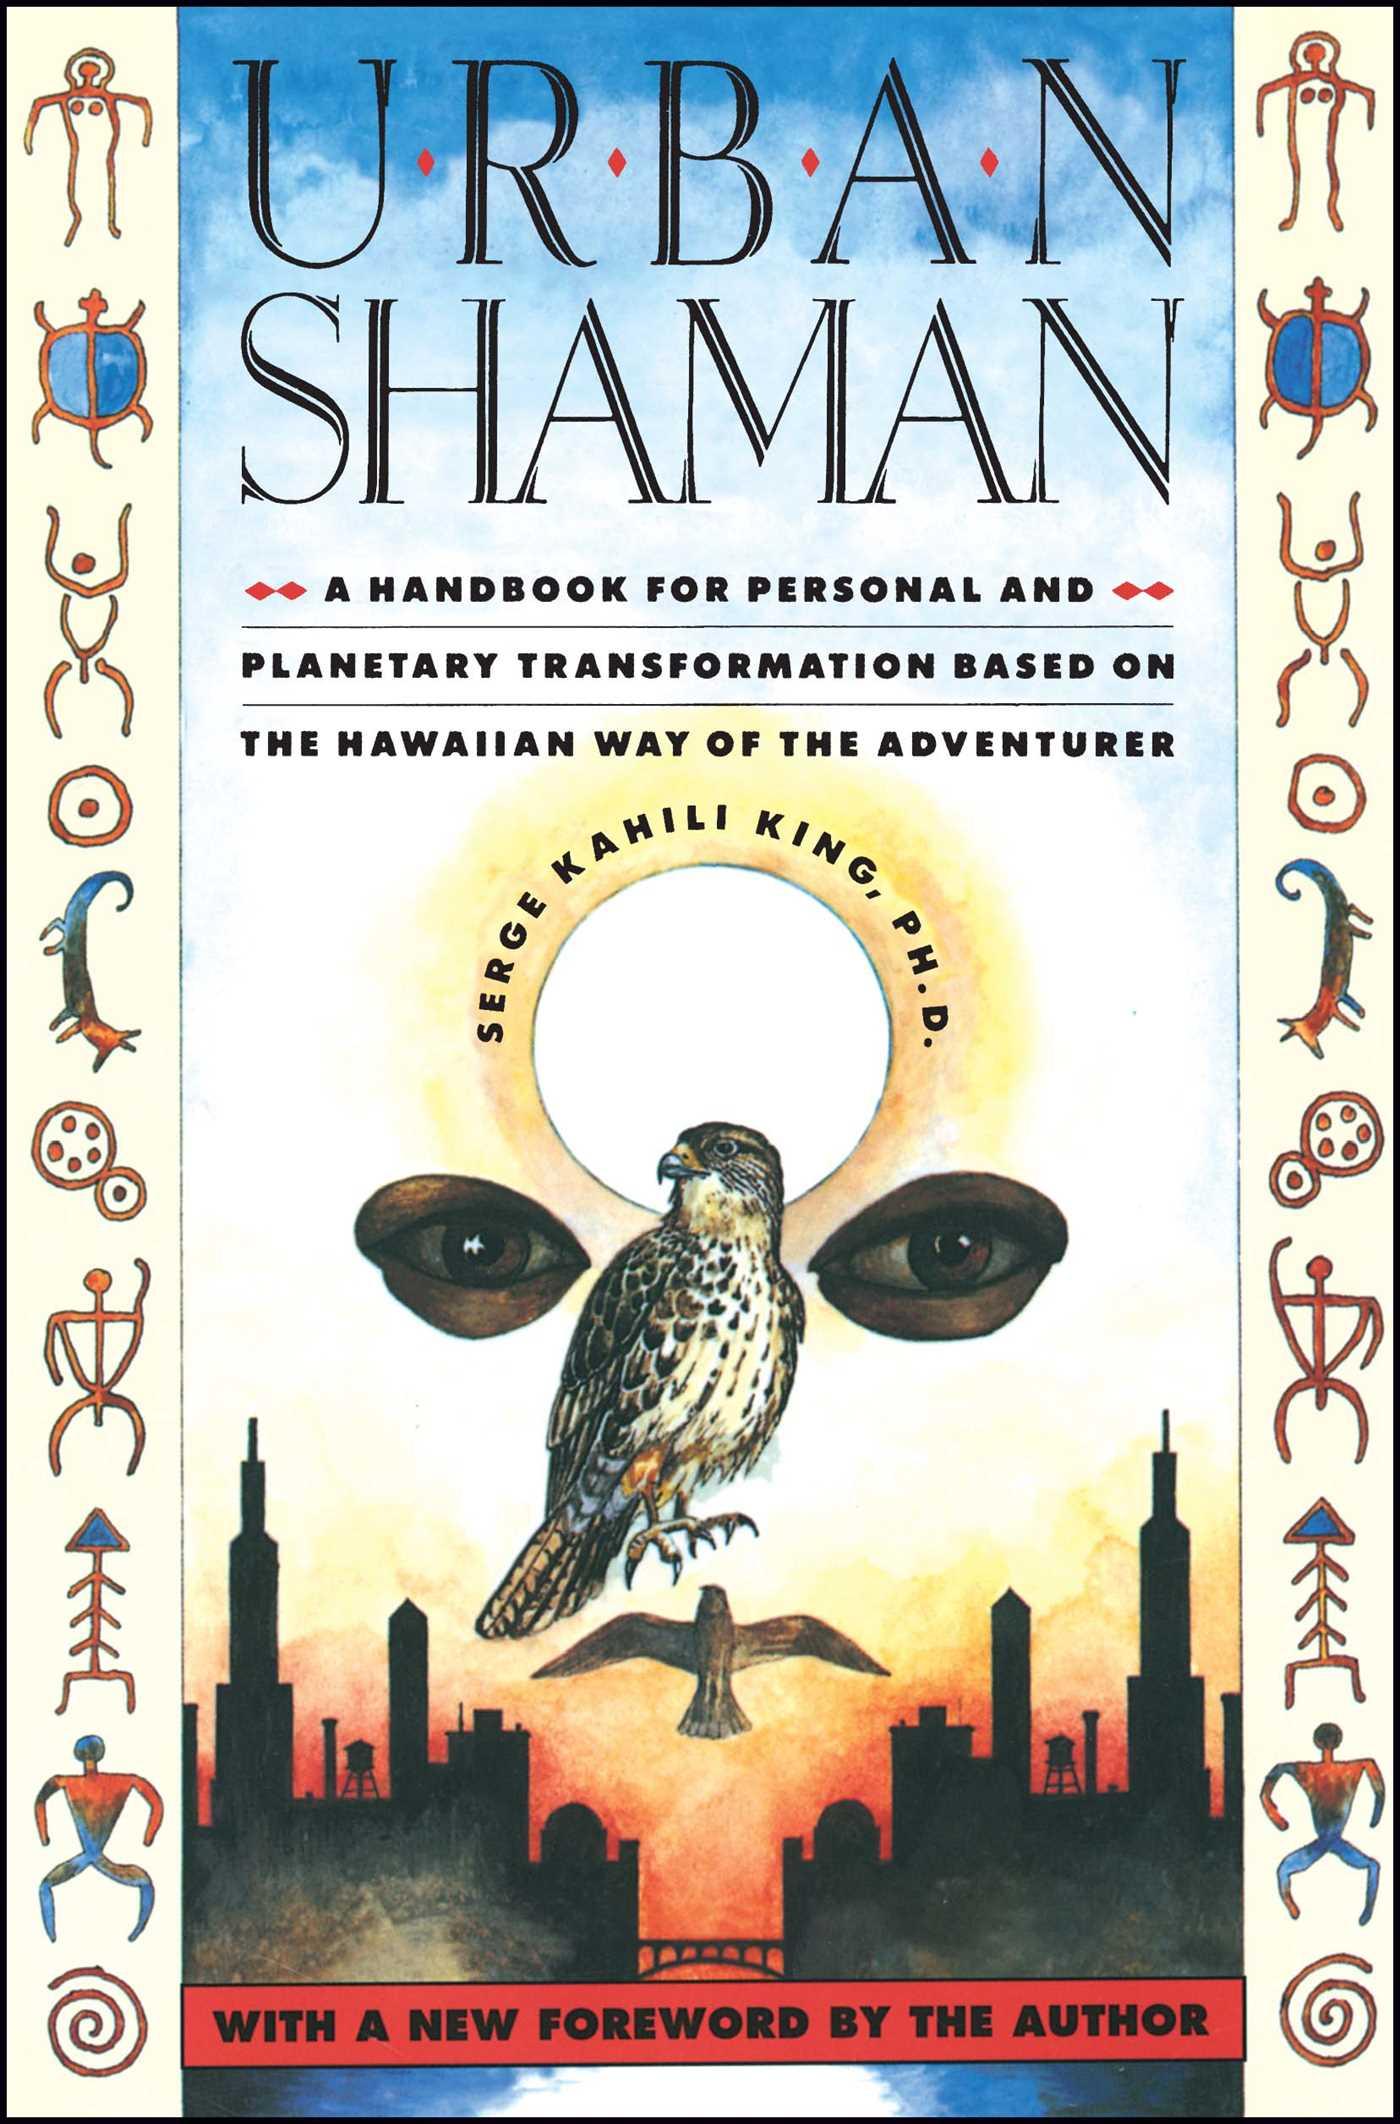 Urban shaman serge kahili king